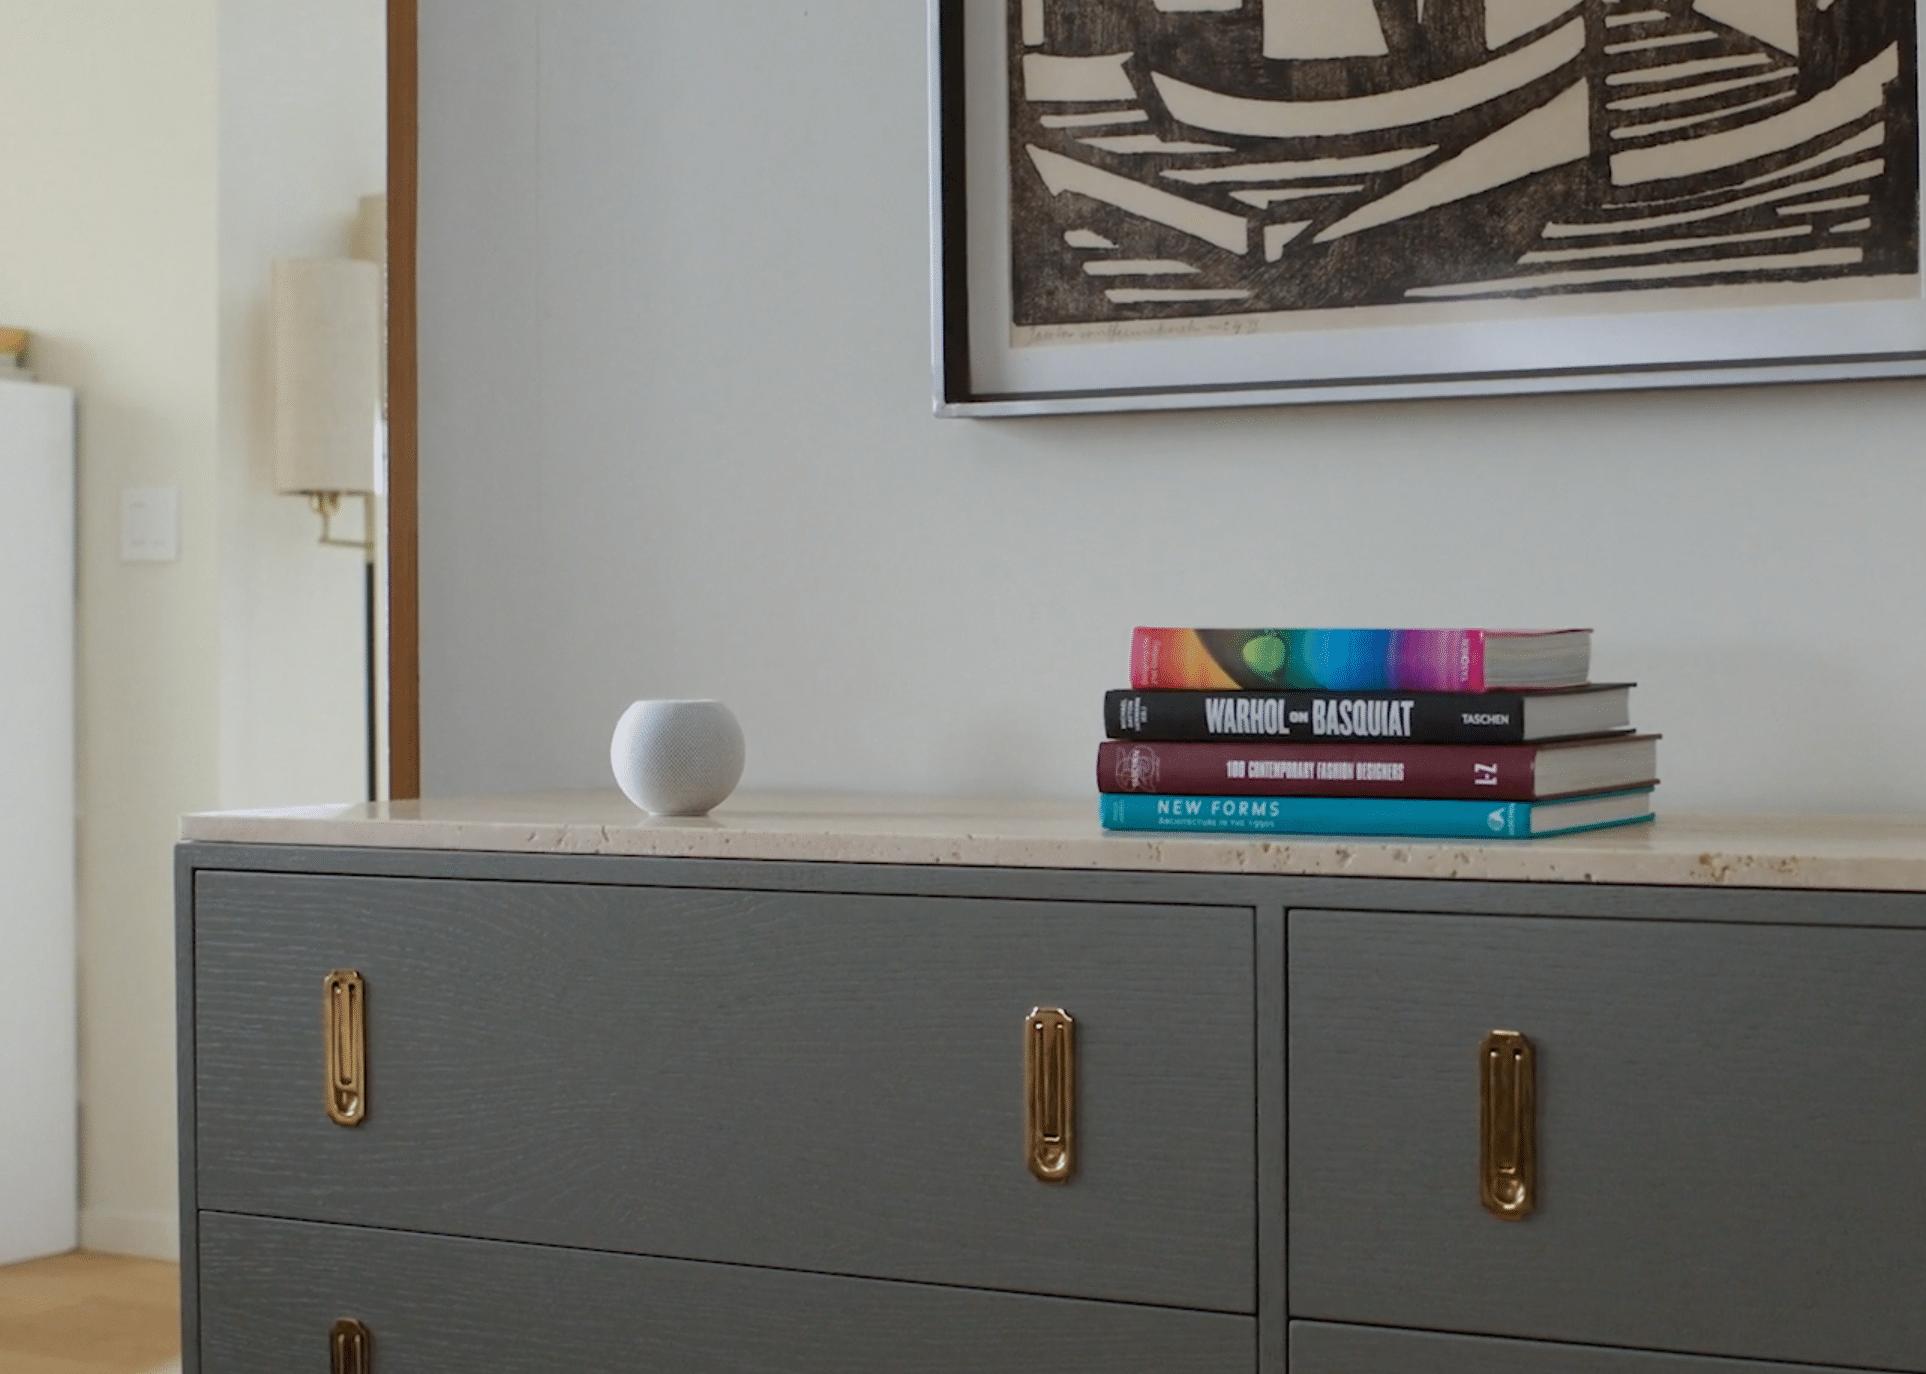 HomePod-Umgebungsgeräusche über HomeKit-Automationen auf AirPlay 2 Lautsprechern abspielen